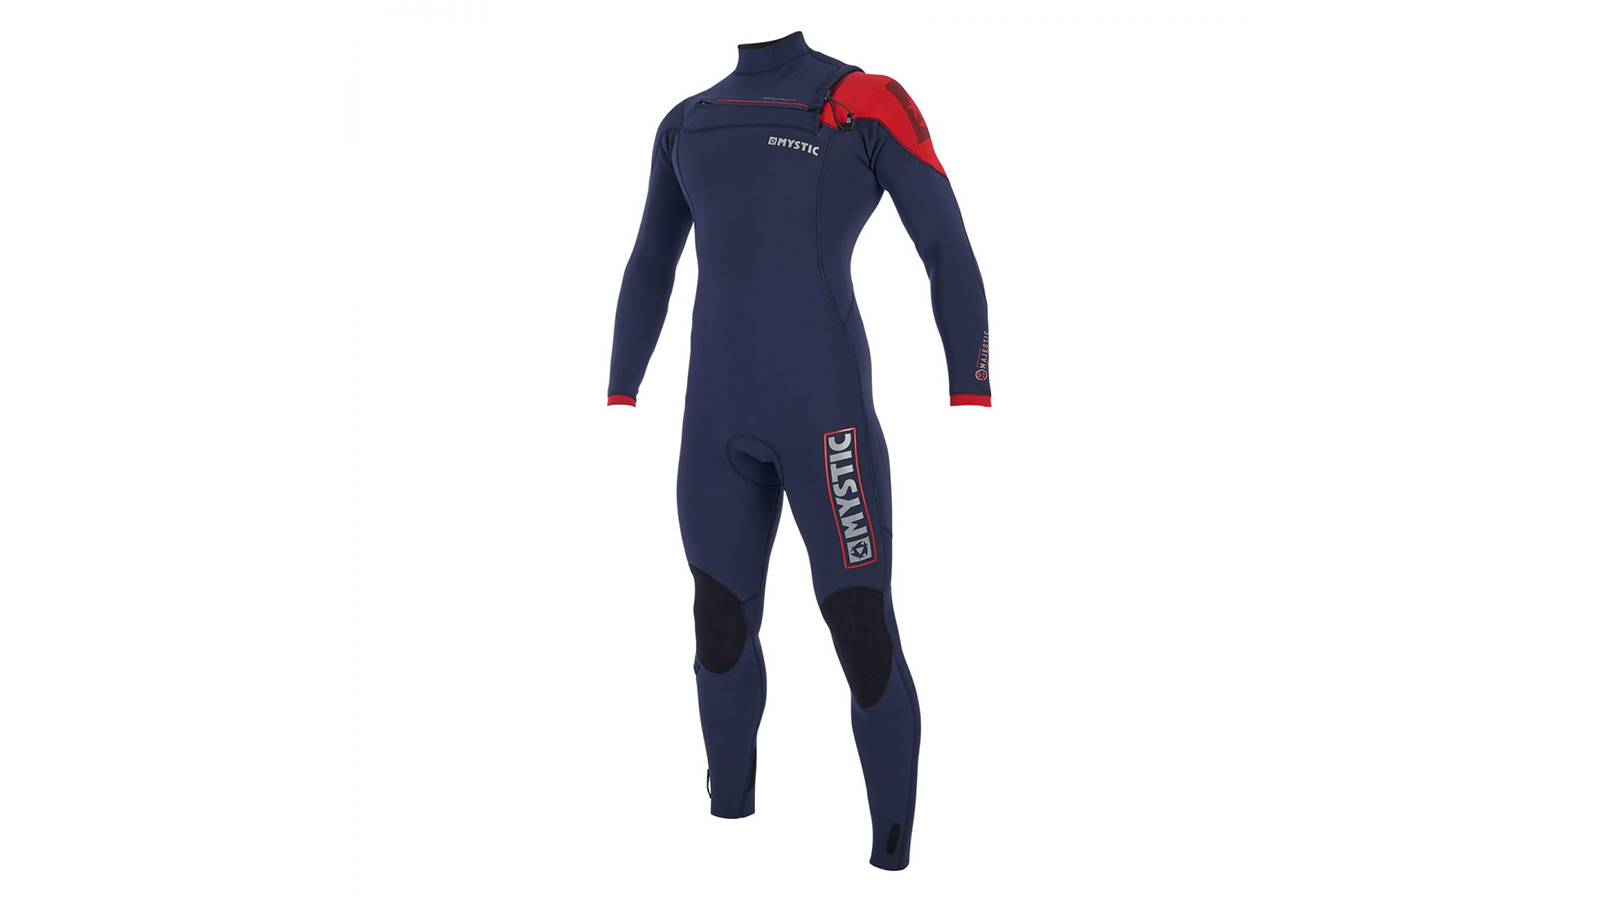 Wetsuit-Majestic-fullsuit-53-fz-410-f-1819